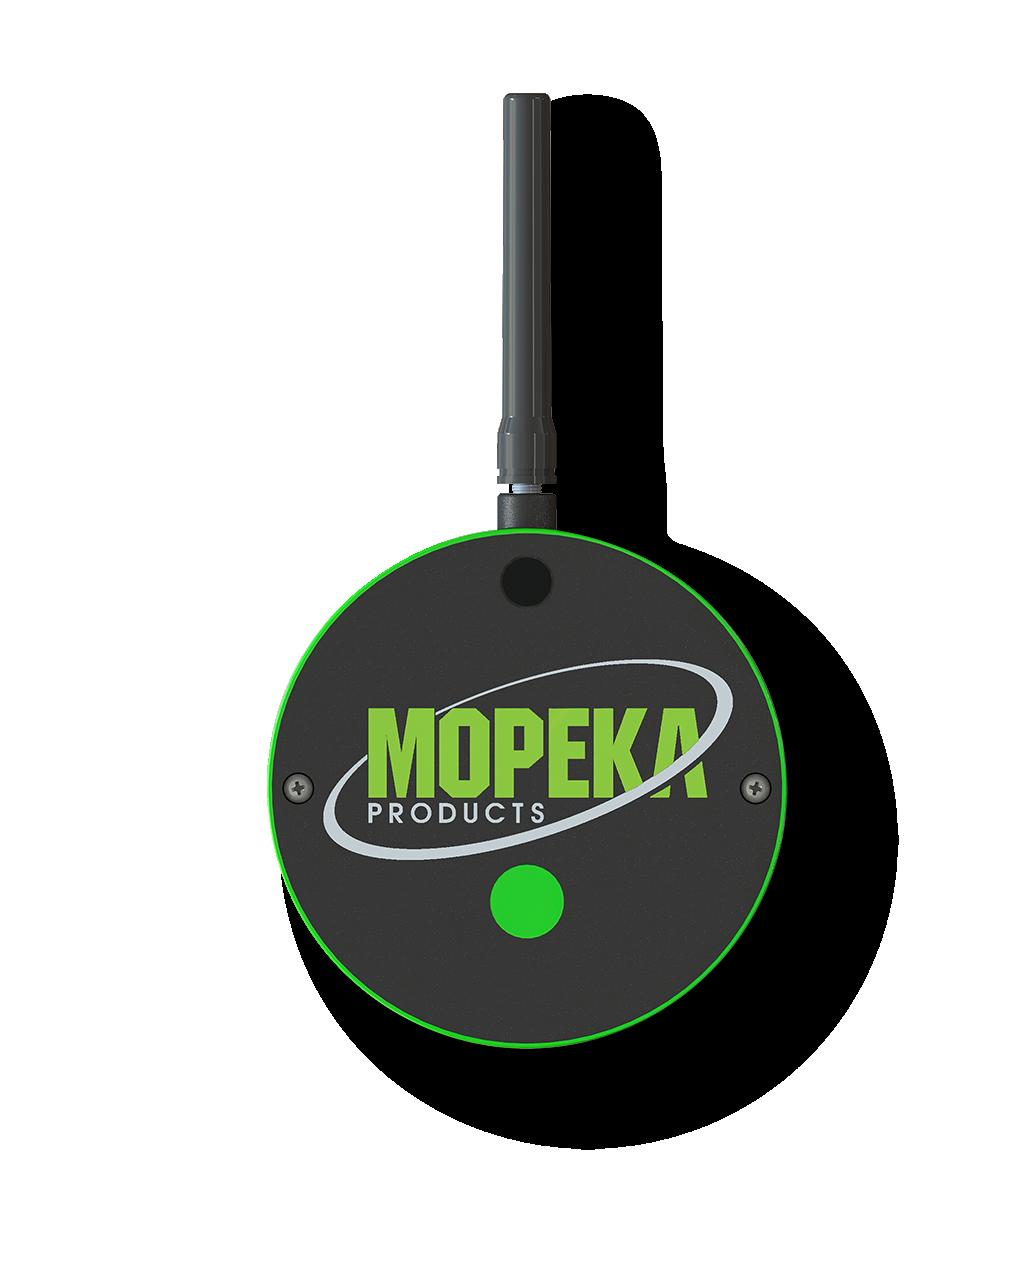 Mopeka Pro Plus image